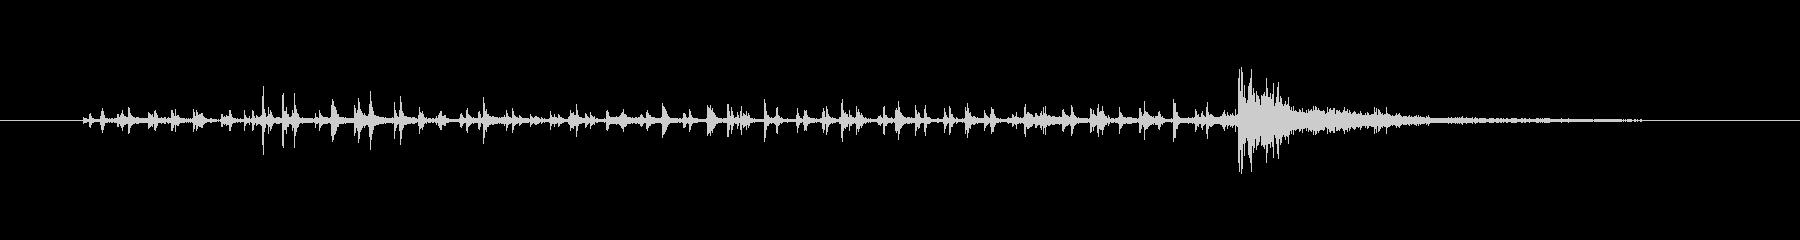 ボンヒットの未再生の波形